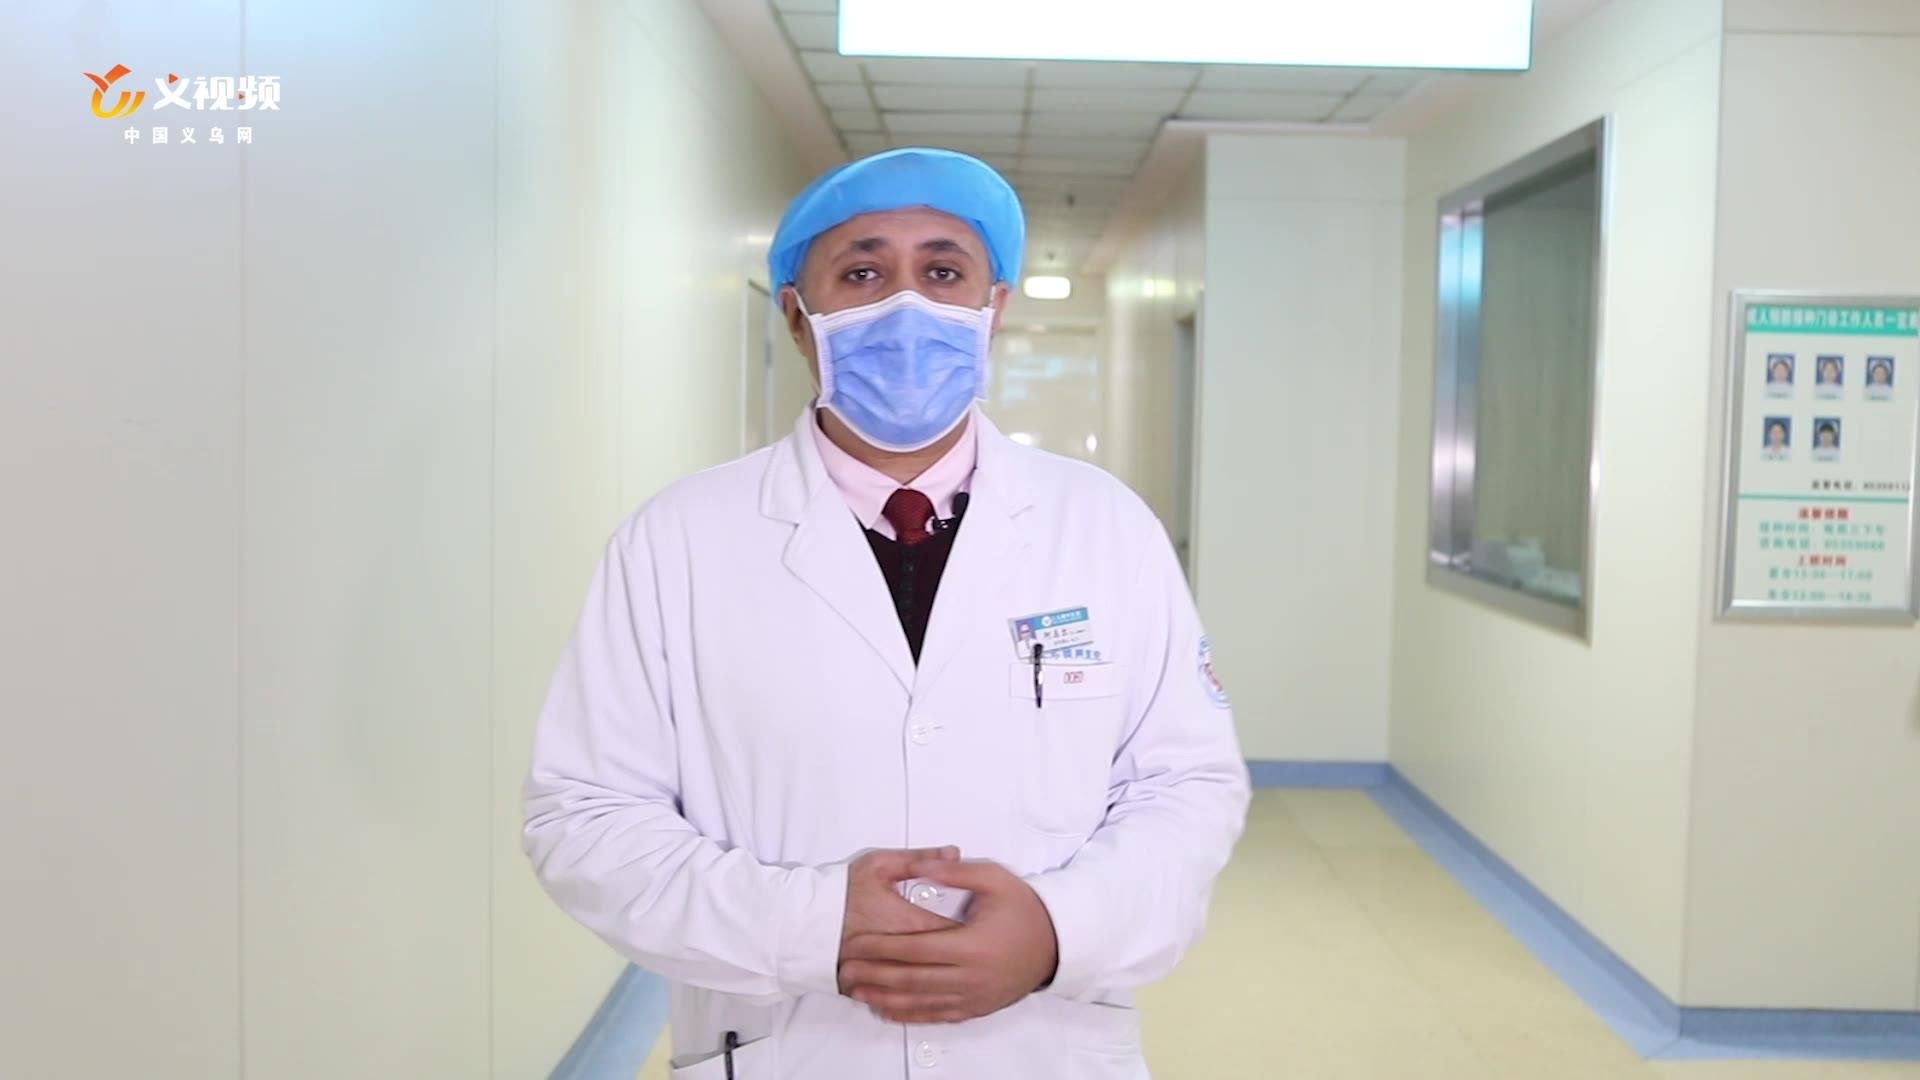 外籍医生阿马尔:我在义乌过大年